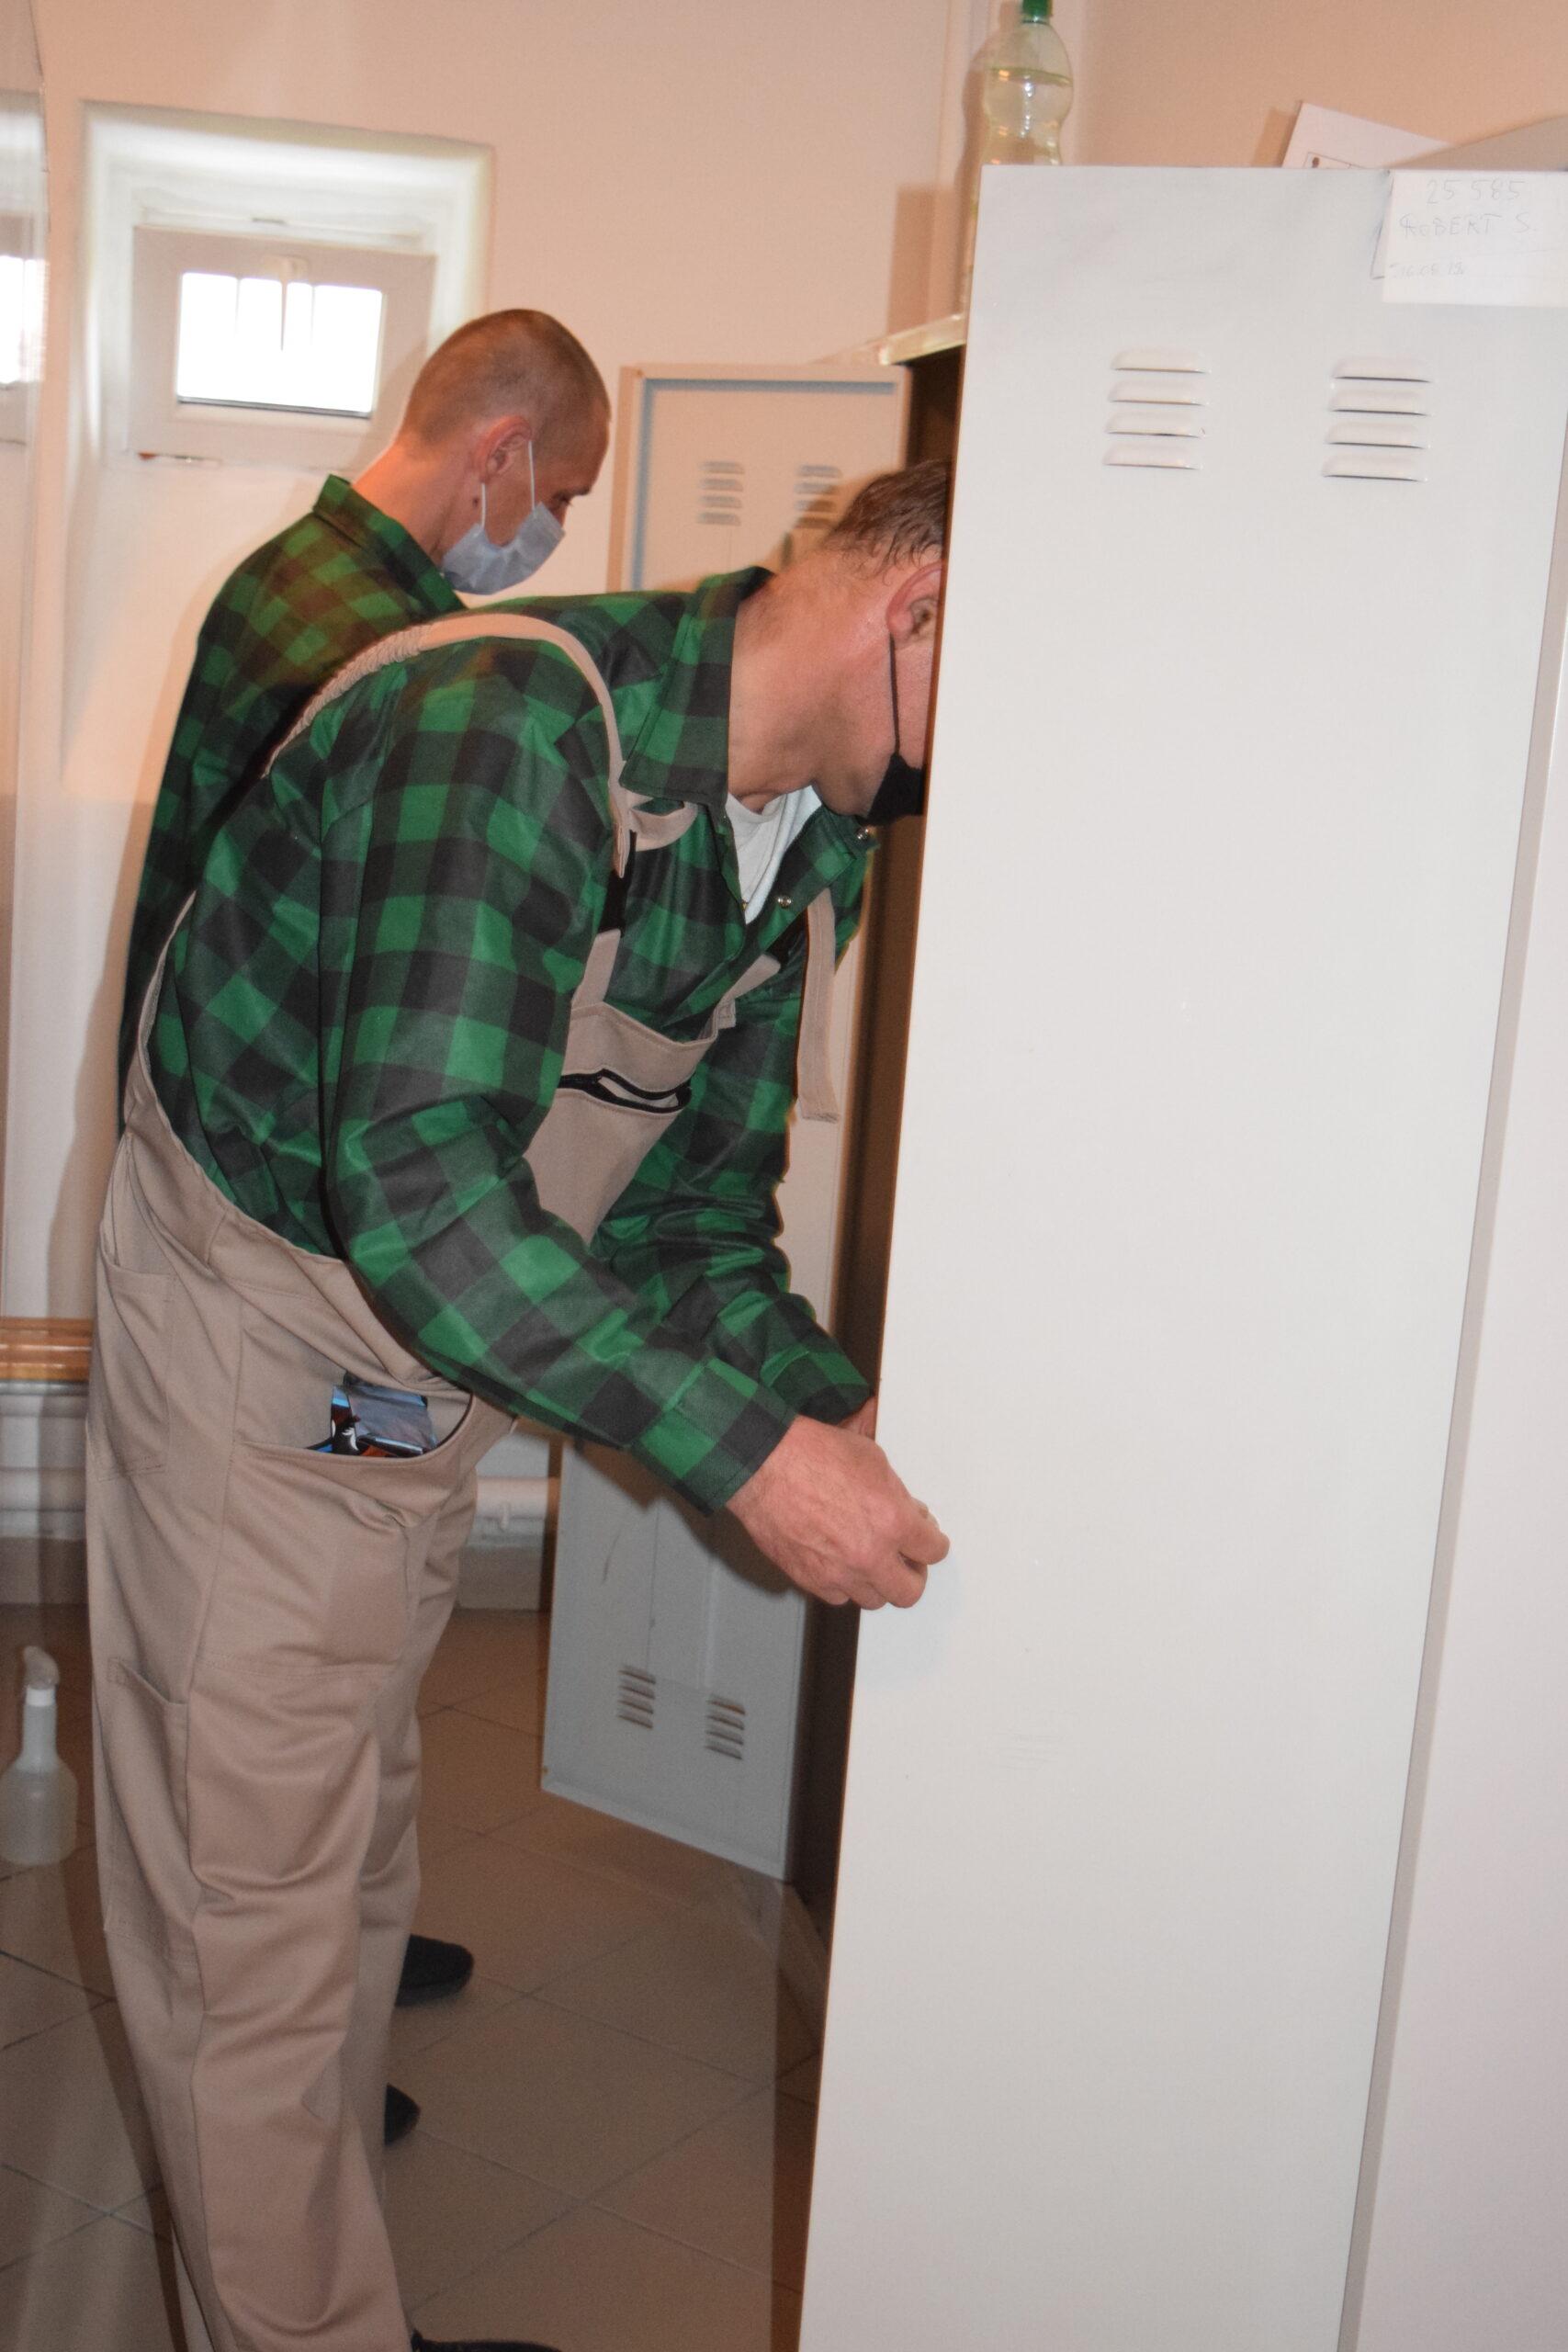 Uczestnicy wymieniają zamek w drzwiach szafki